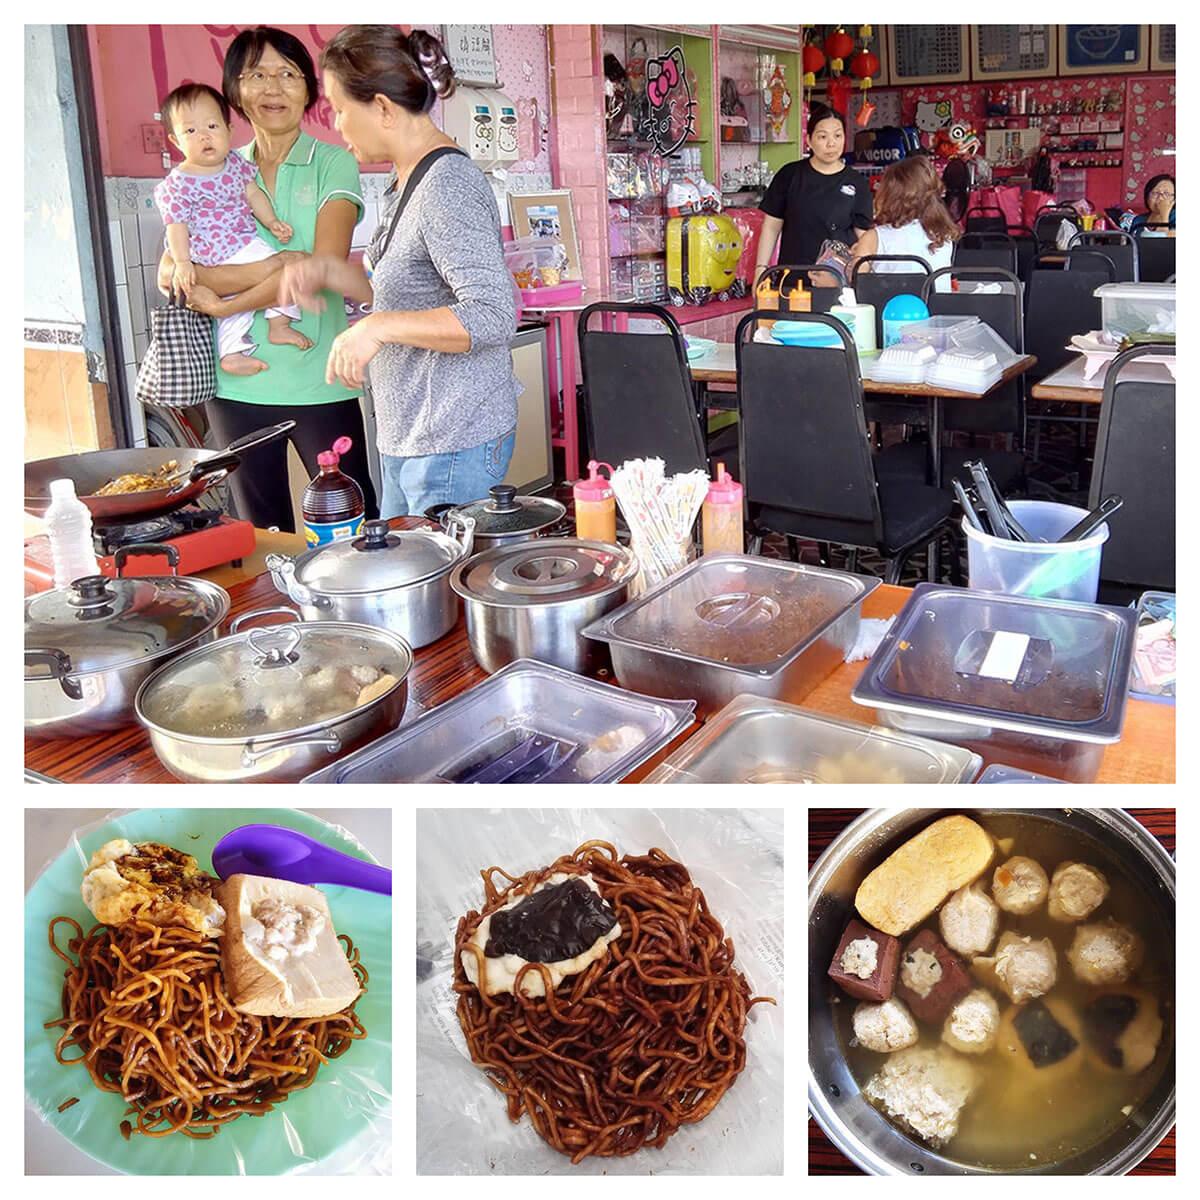 Economy Fried Noodle